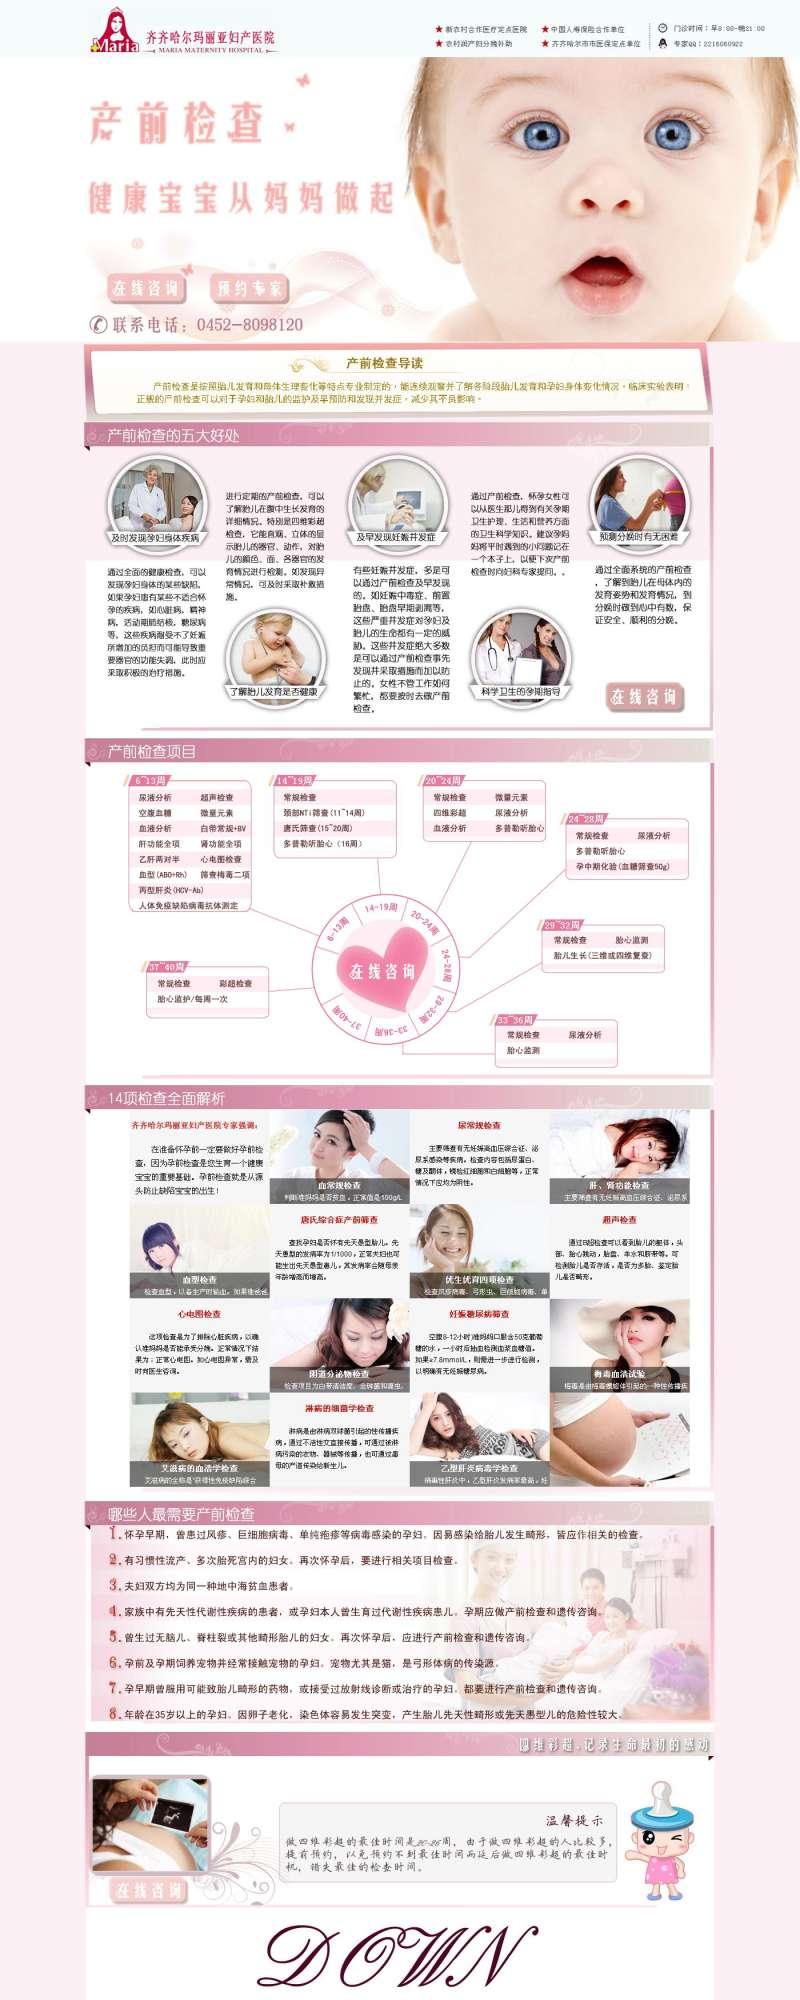 粉色的妇产医院产前检查网页专题模板psd素材下载